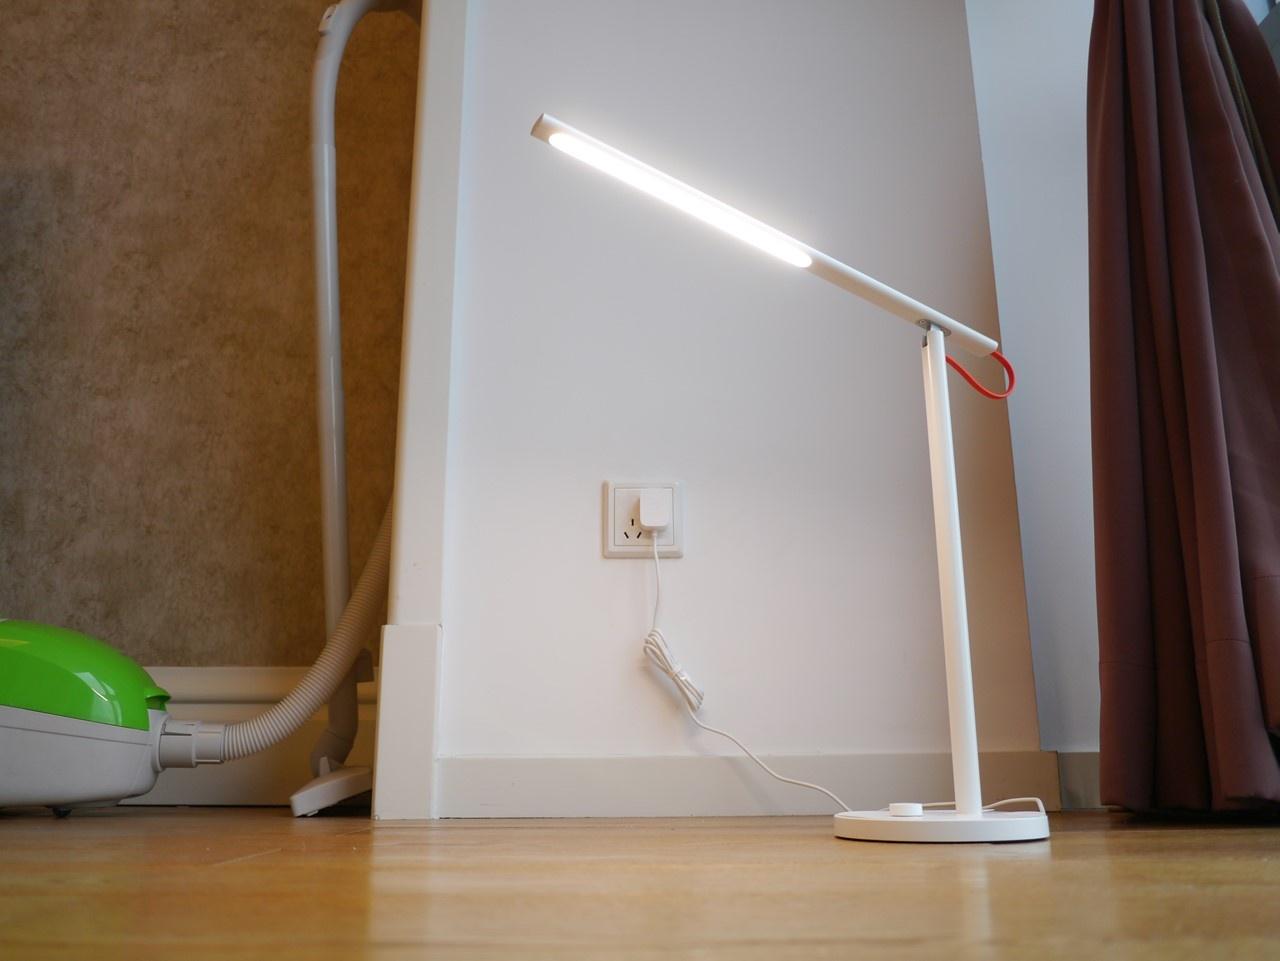 シャオミsmartlamp